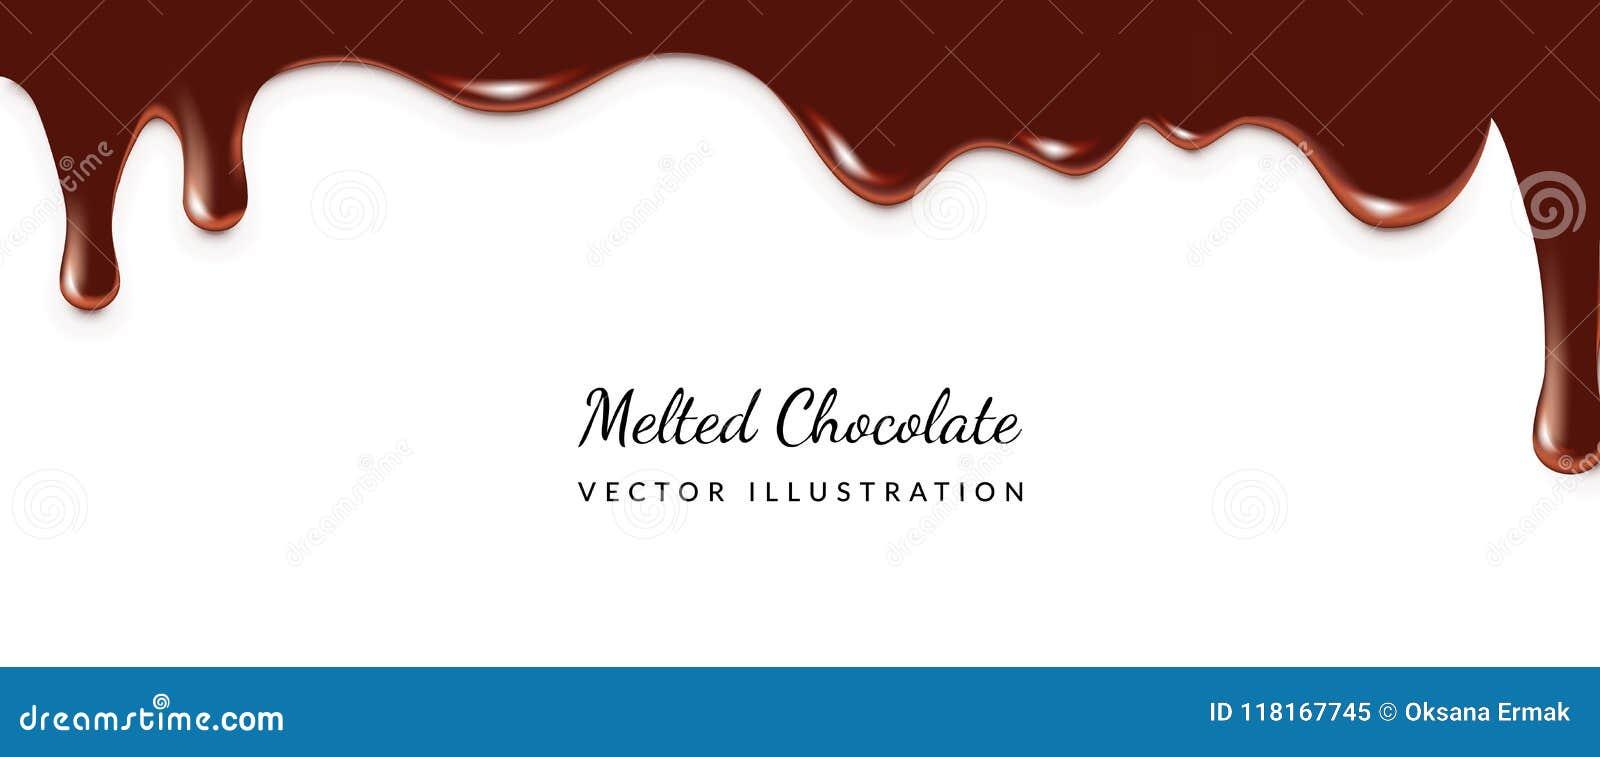 滴下的熔化巧克力